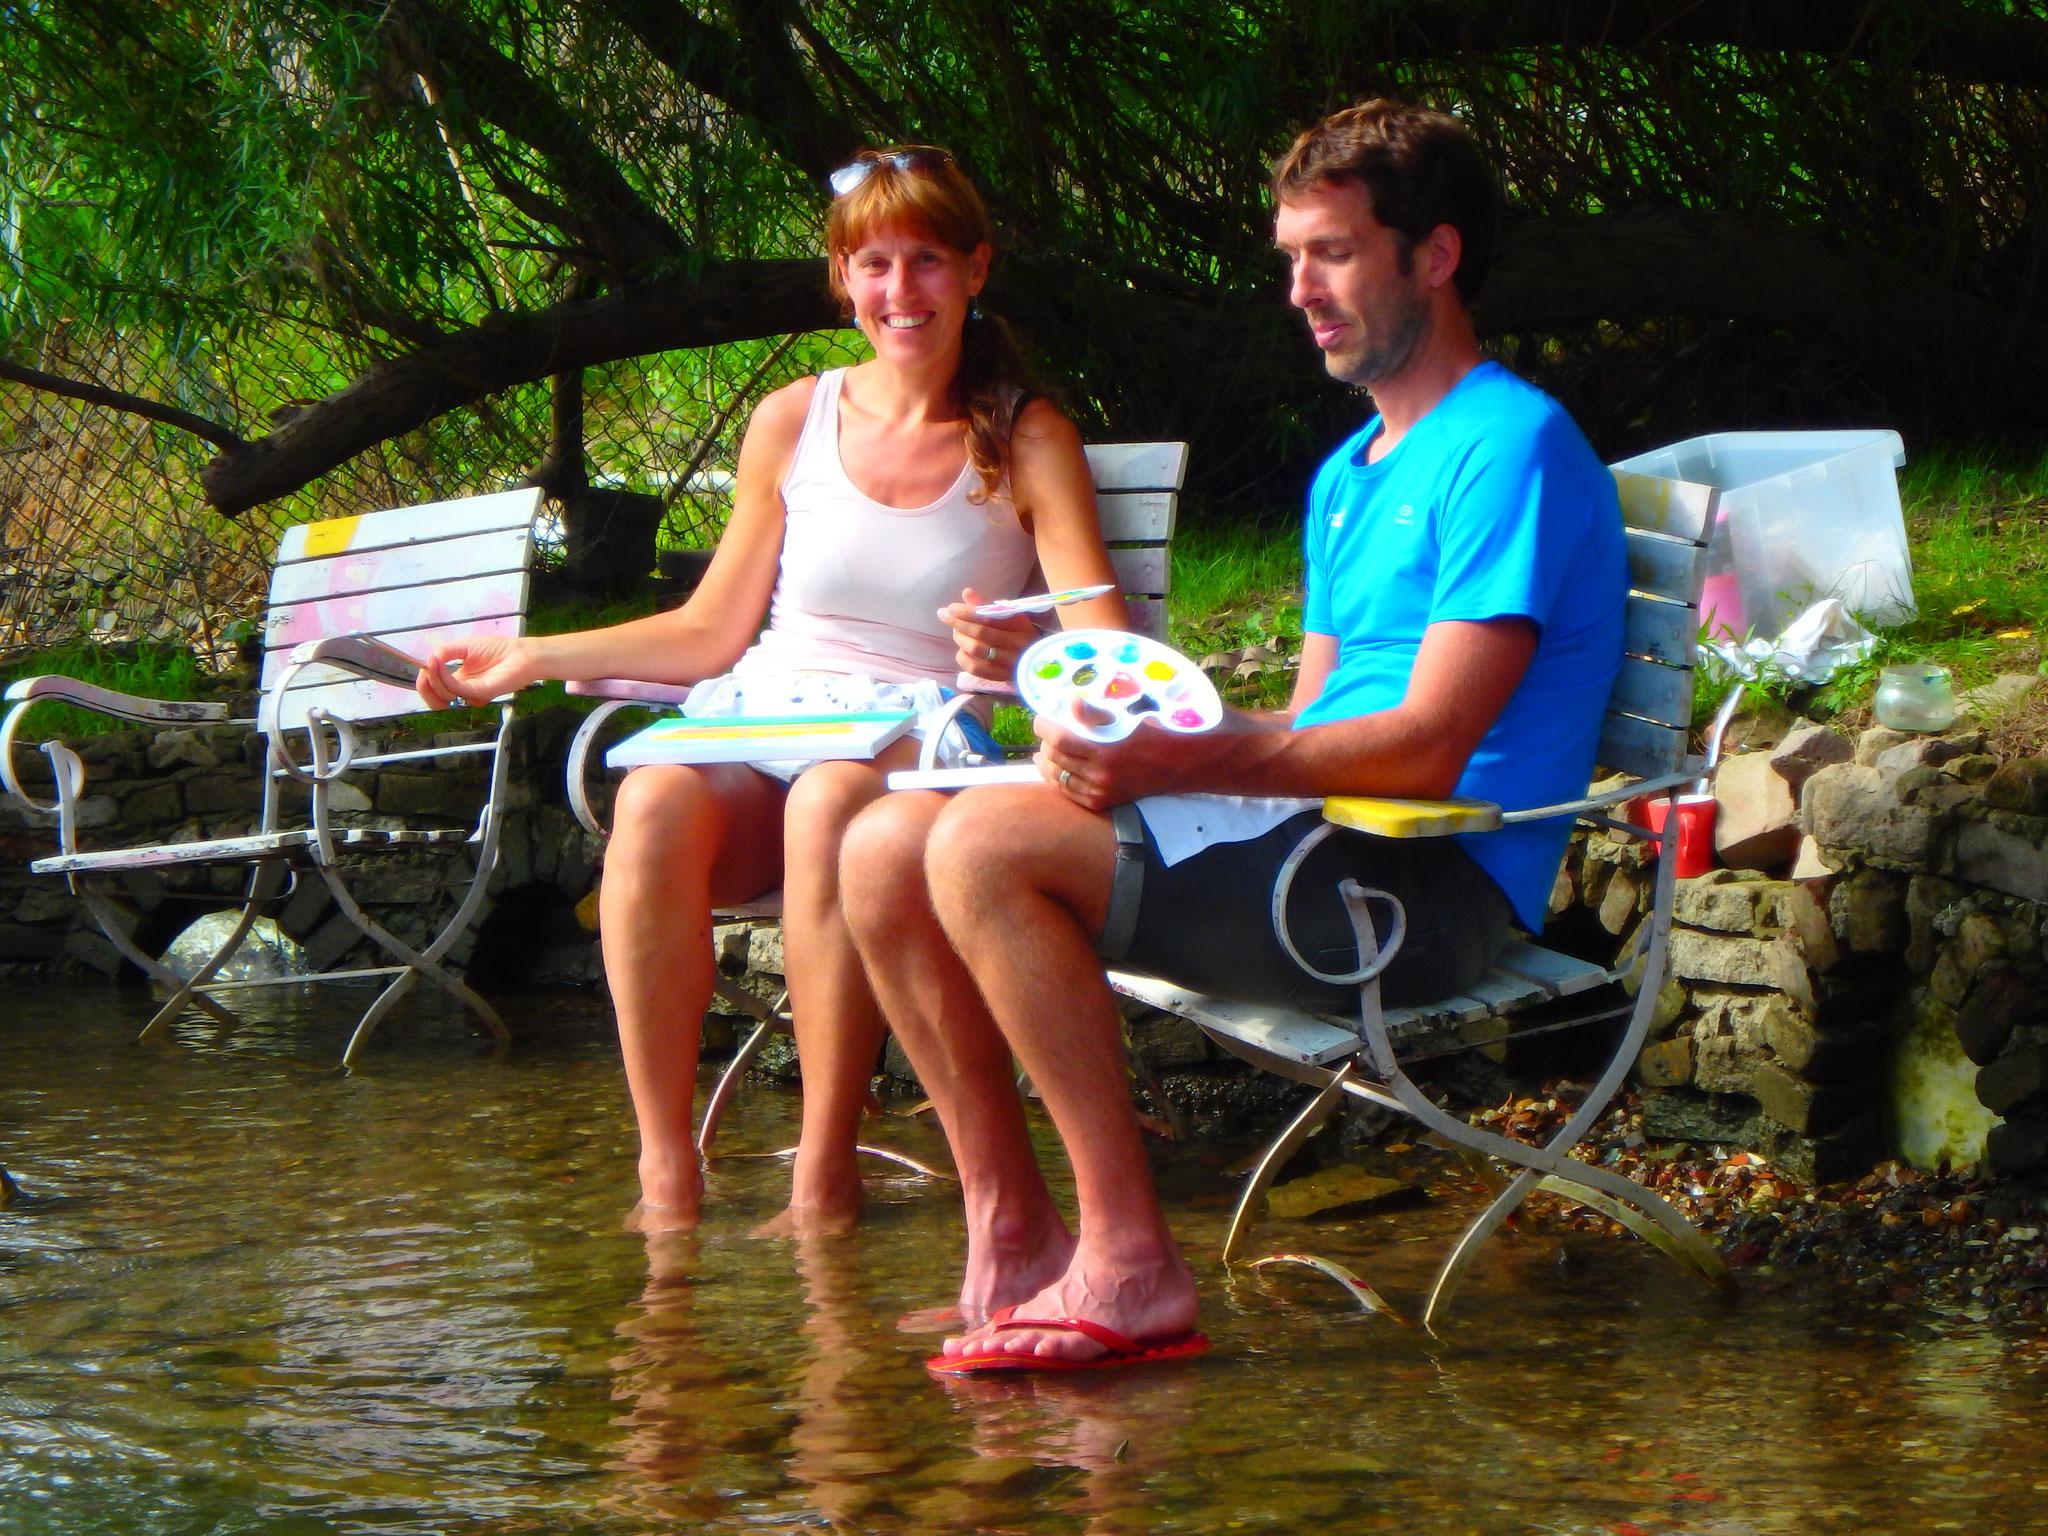 Heerlijk de voetjes in het water en ondertussen een schilderijtje schilderen in de tuin van Drijfpaleis.